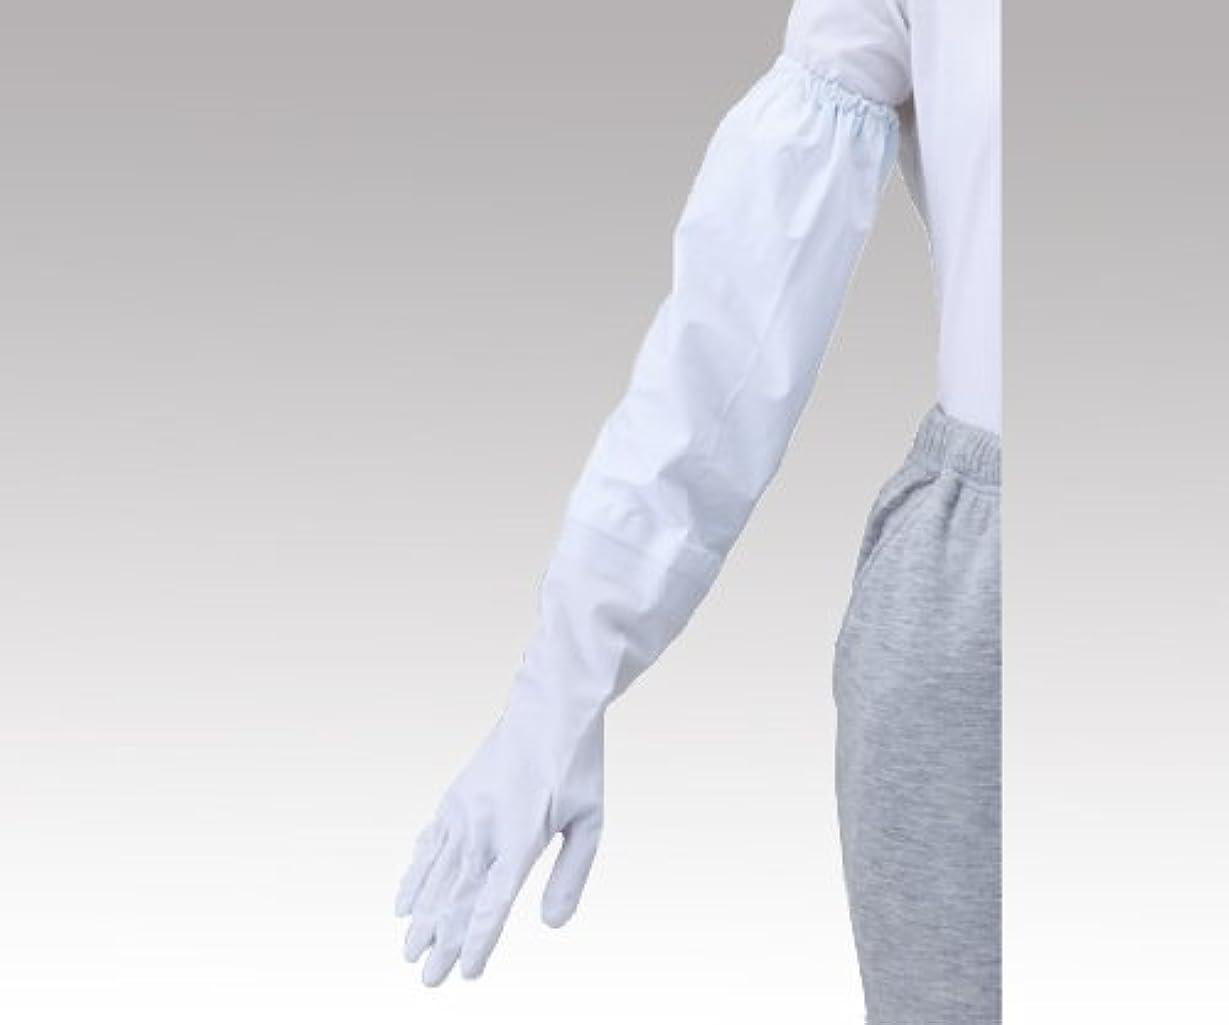 ペレット端末バングラデシュ腕カバー付き手袋 No.240 M (8-4358-01)